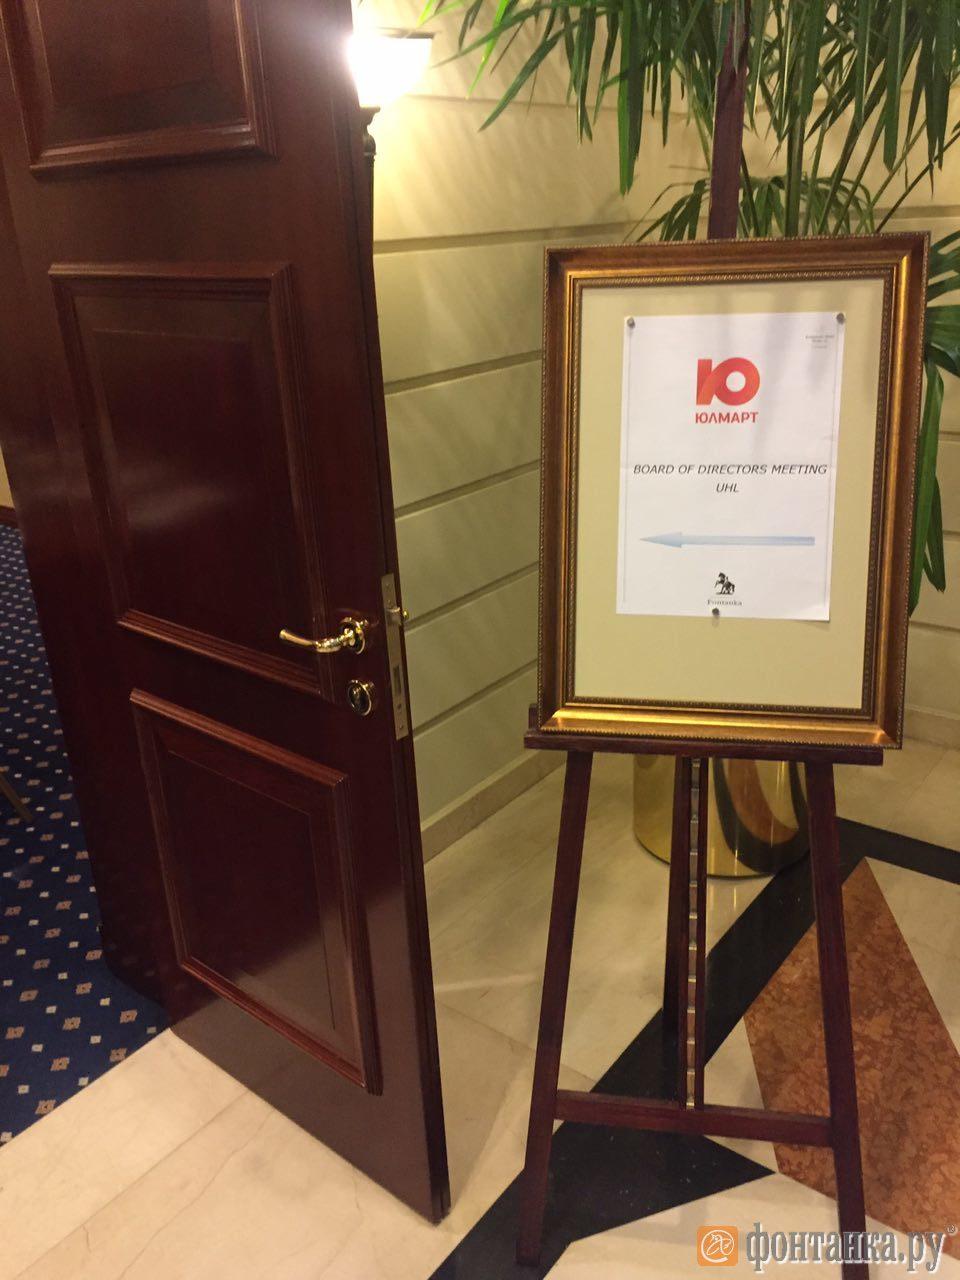 """Холл гостиницы """"Кемпински"""", 27 октября 2016 г. (Фото:"""